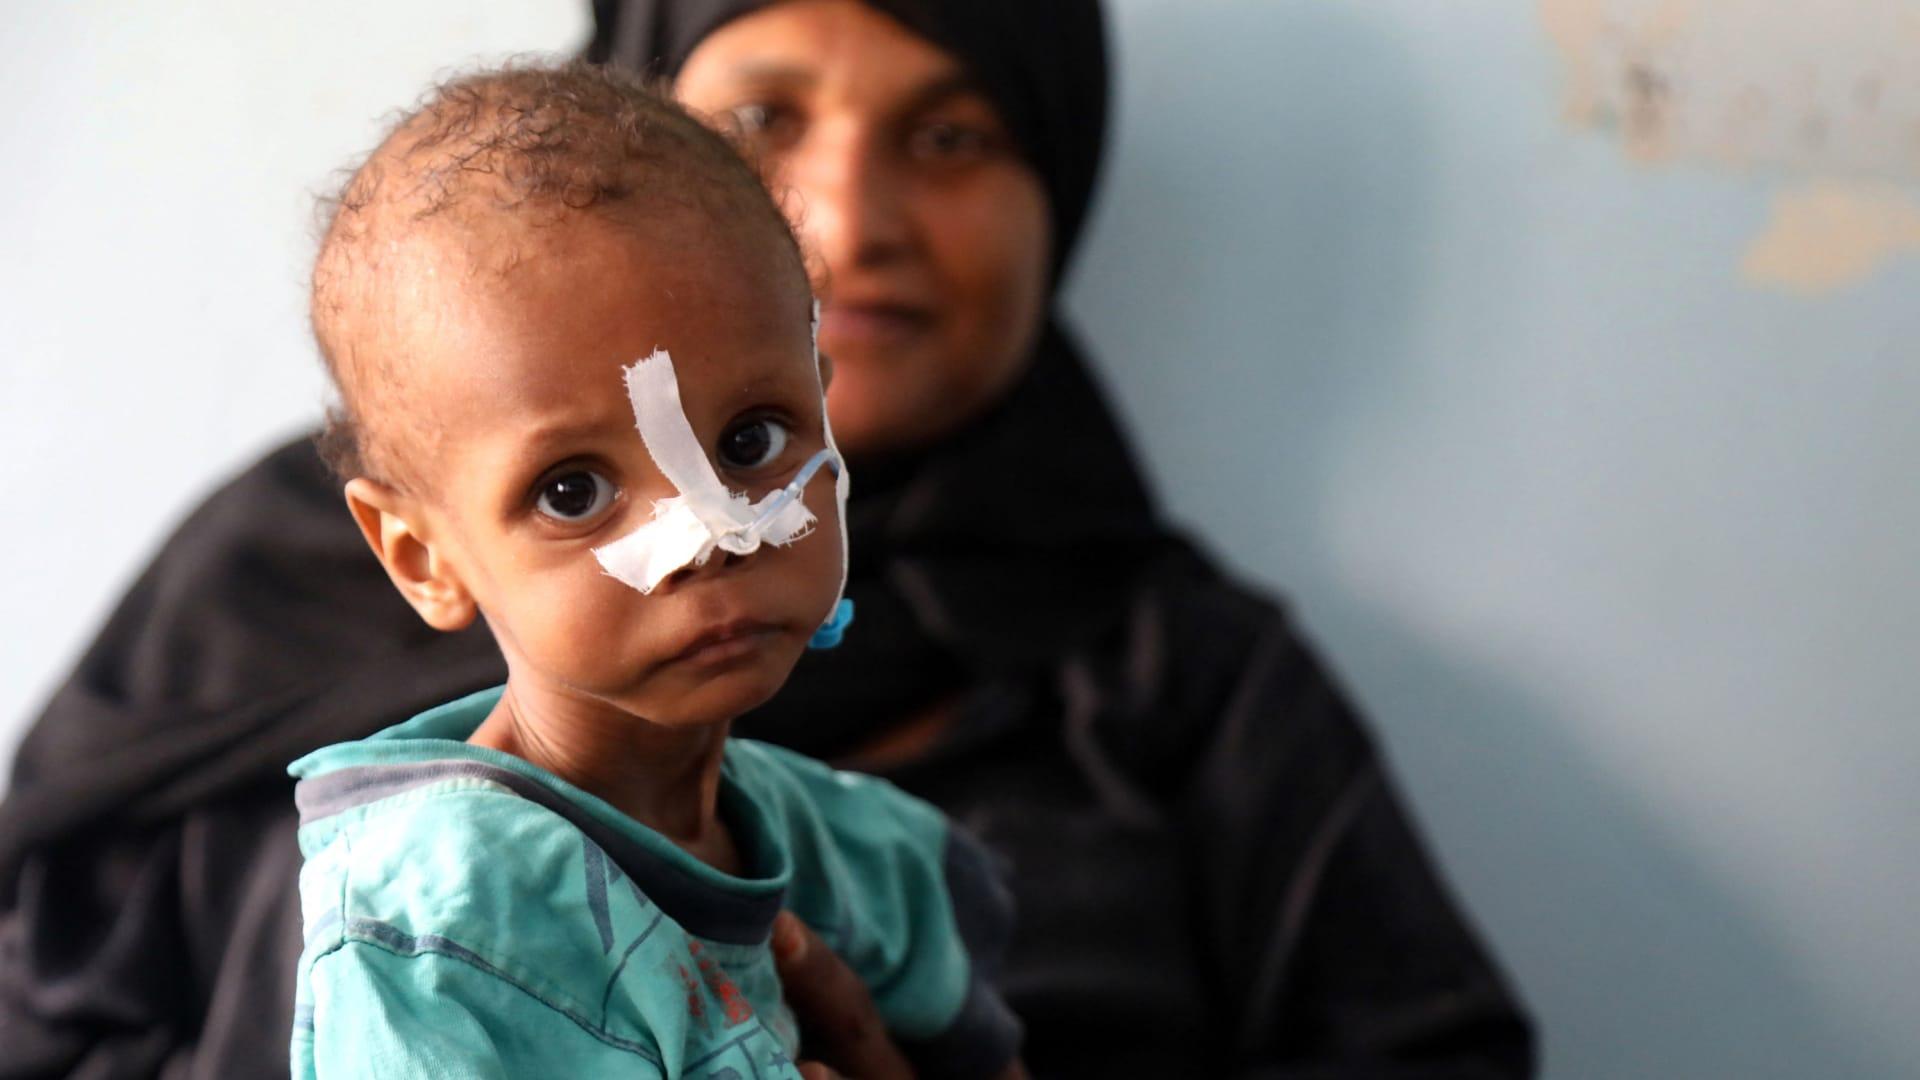 yemen-conflict-children